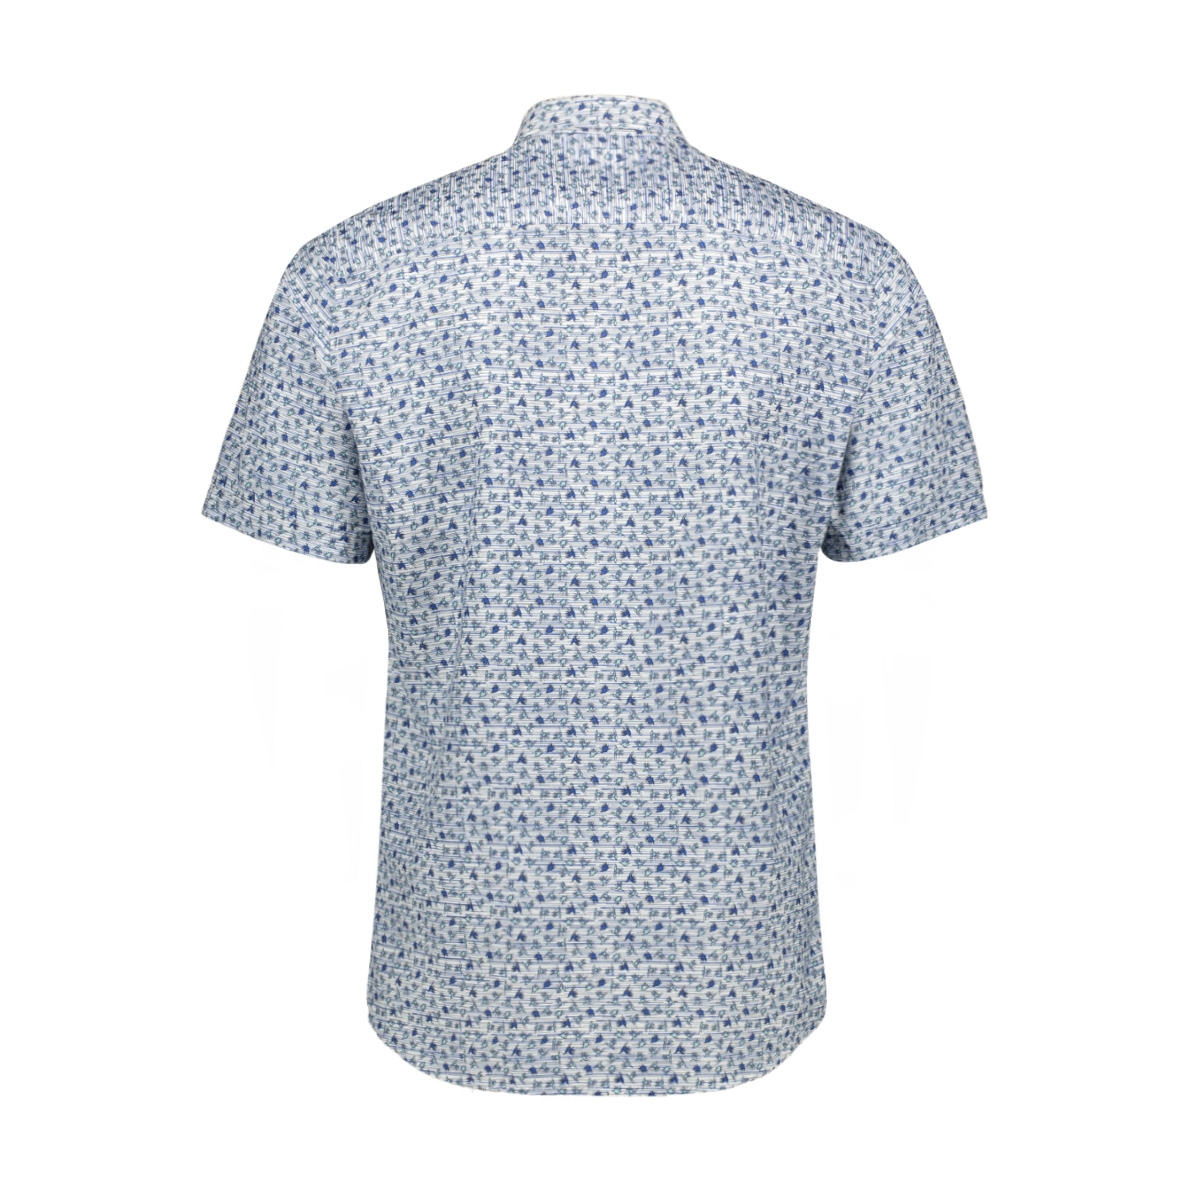 overhemd met allover print 2952030 lerros overhemd 443